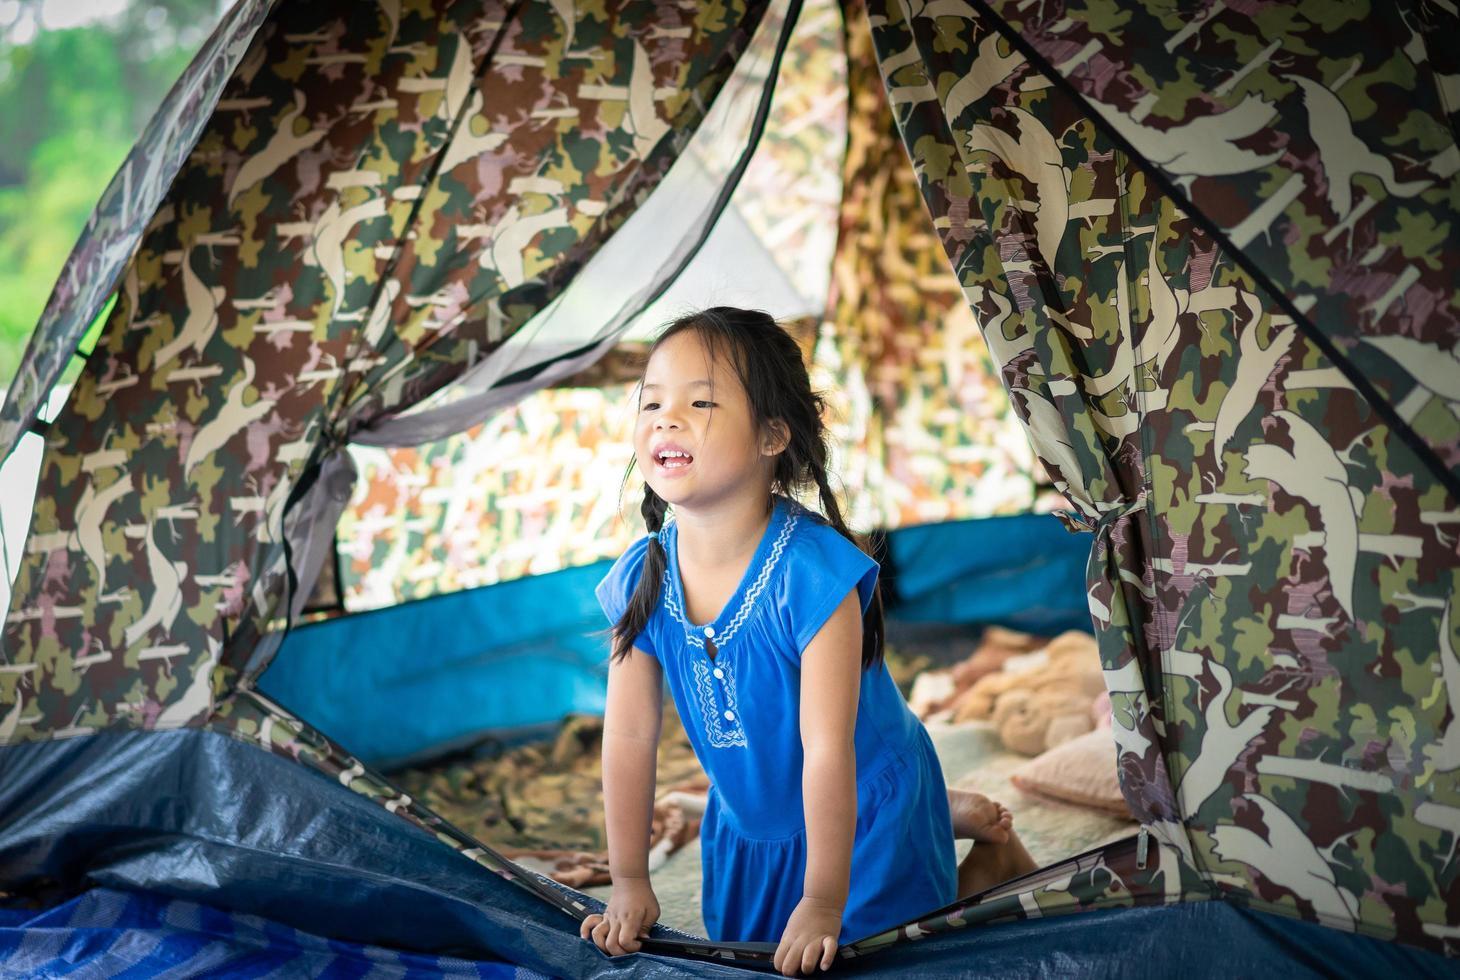 bambina nella tenda foto